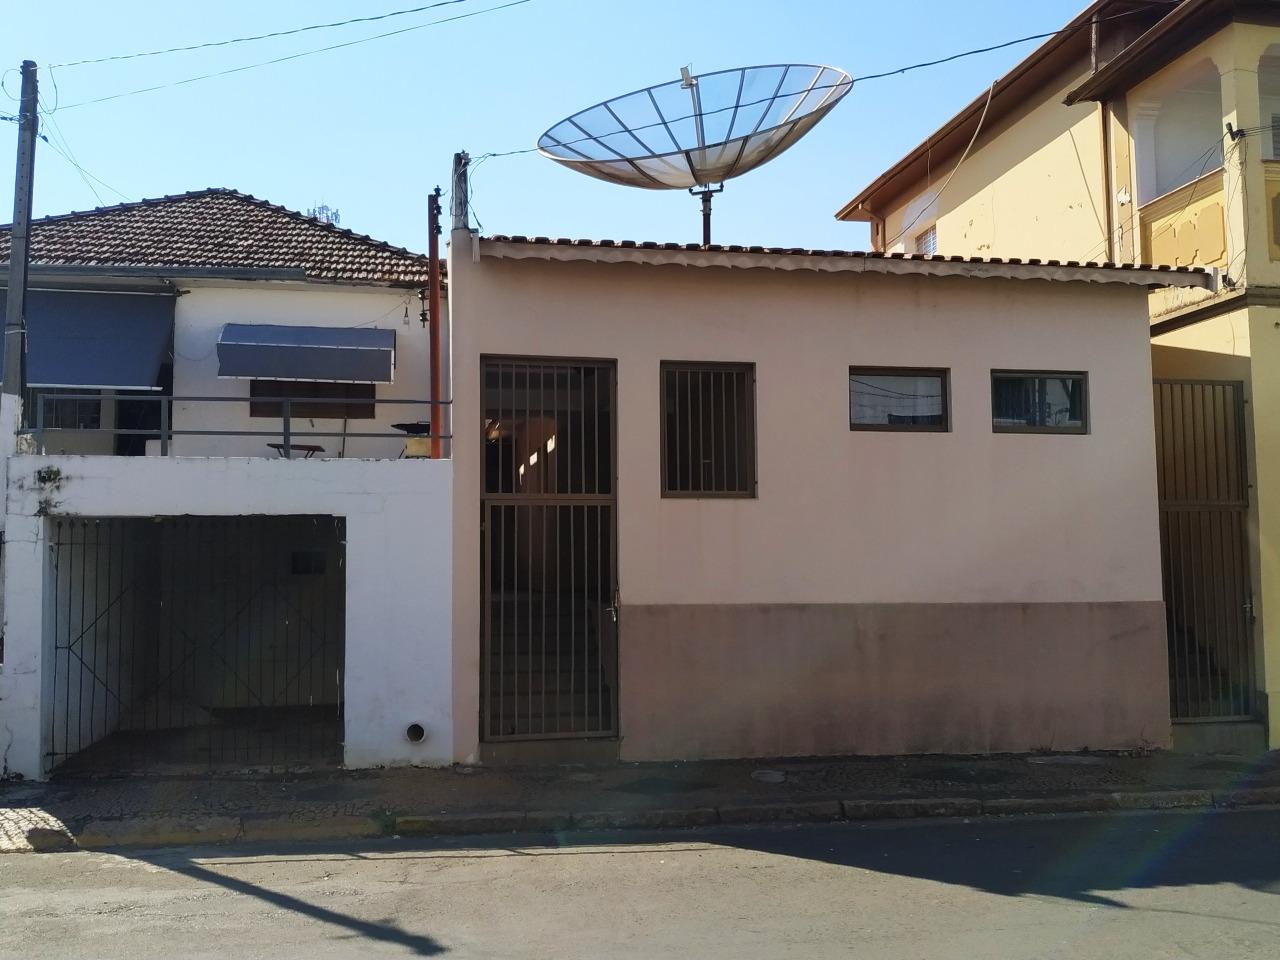 Casa para alugar, 4 quartos, 1 suíte, no bairro Centro em Rio das Pedras - SP